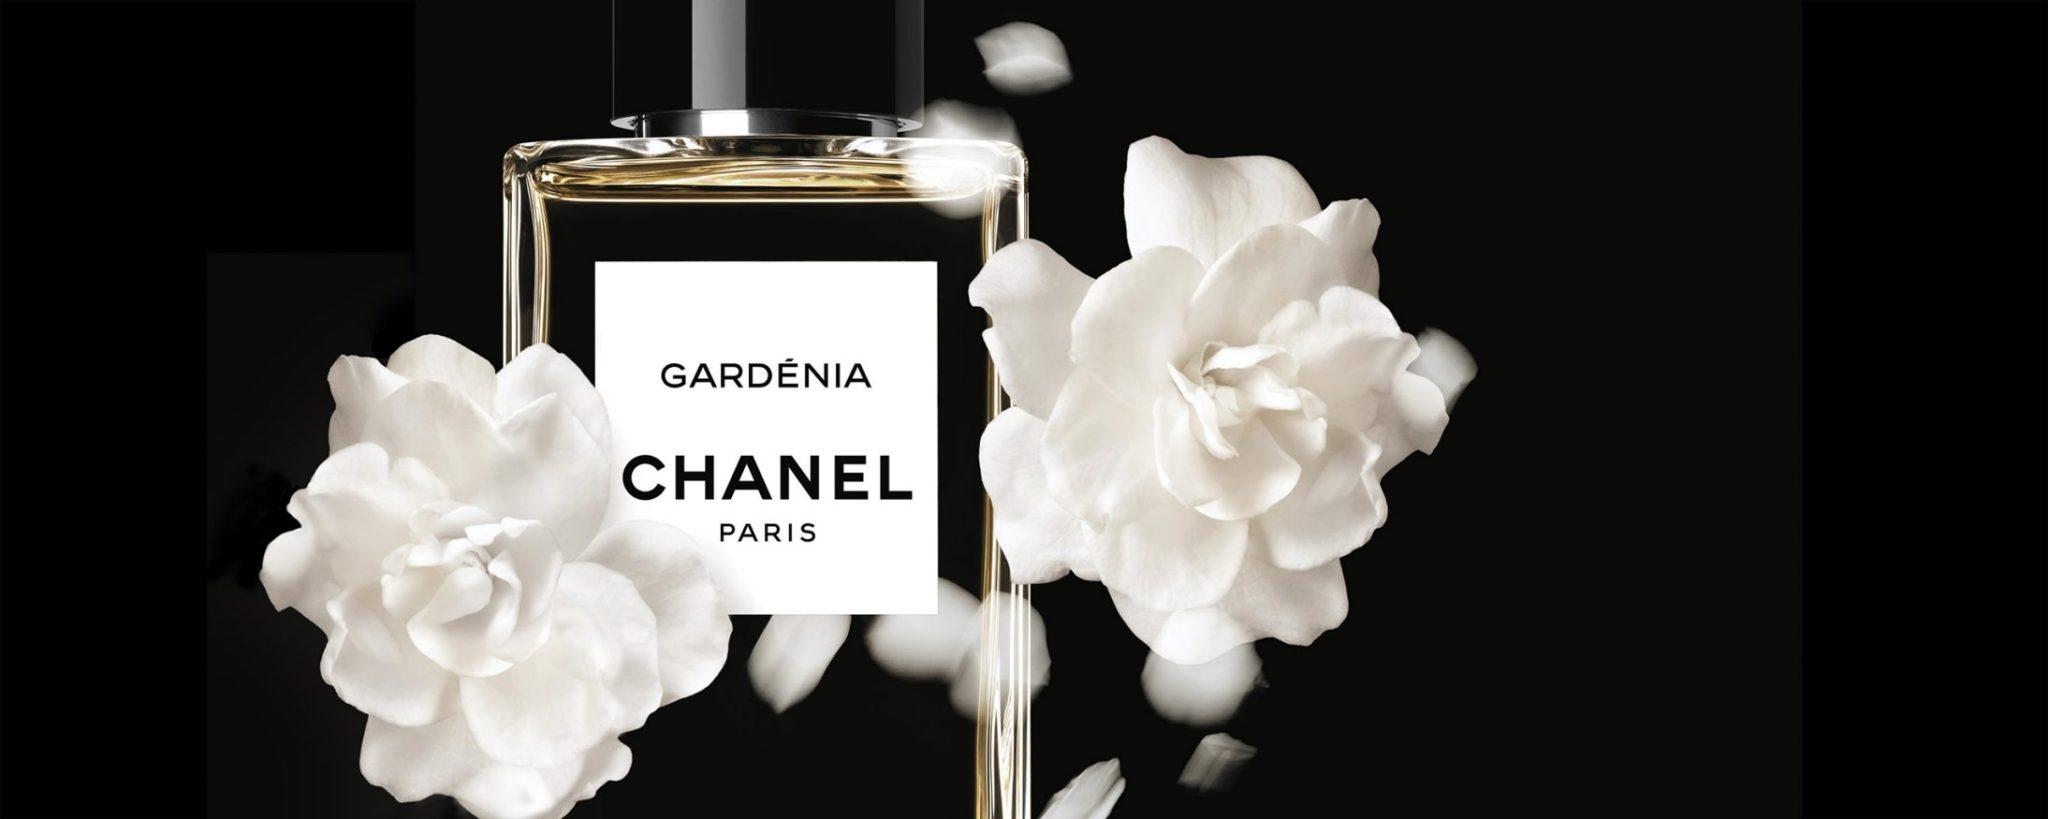 Chanel Les Exclusifs Gardenia eau de parfum Esprit de Gabrielle espritdegabrielle.com